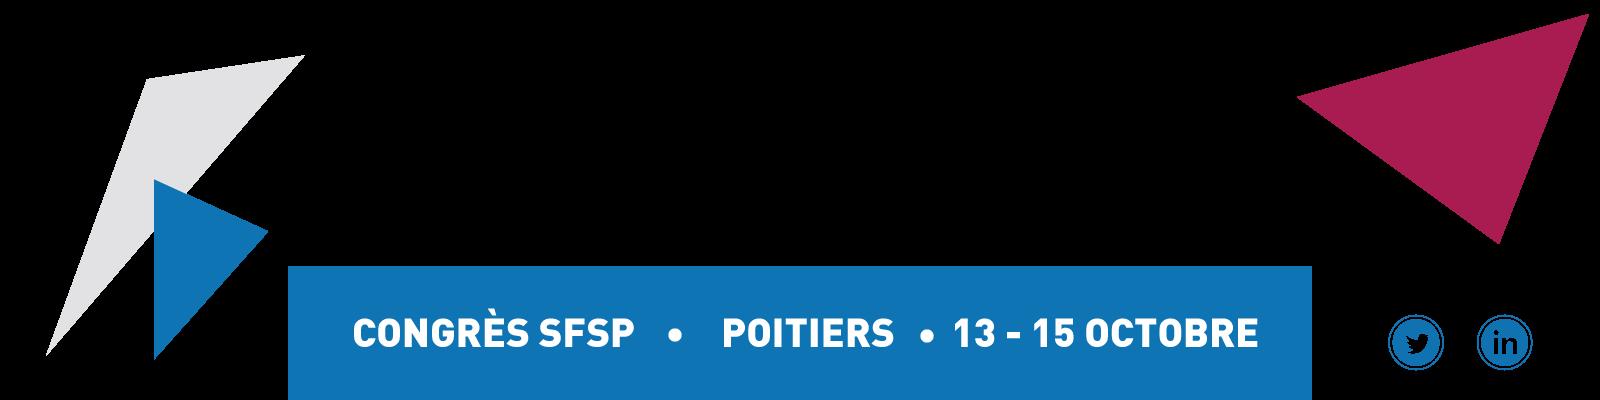 Congrès SFSP 2021